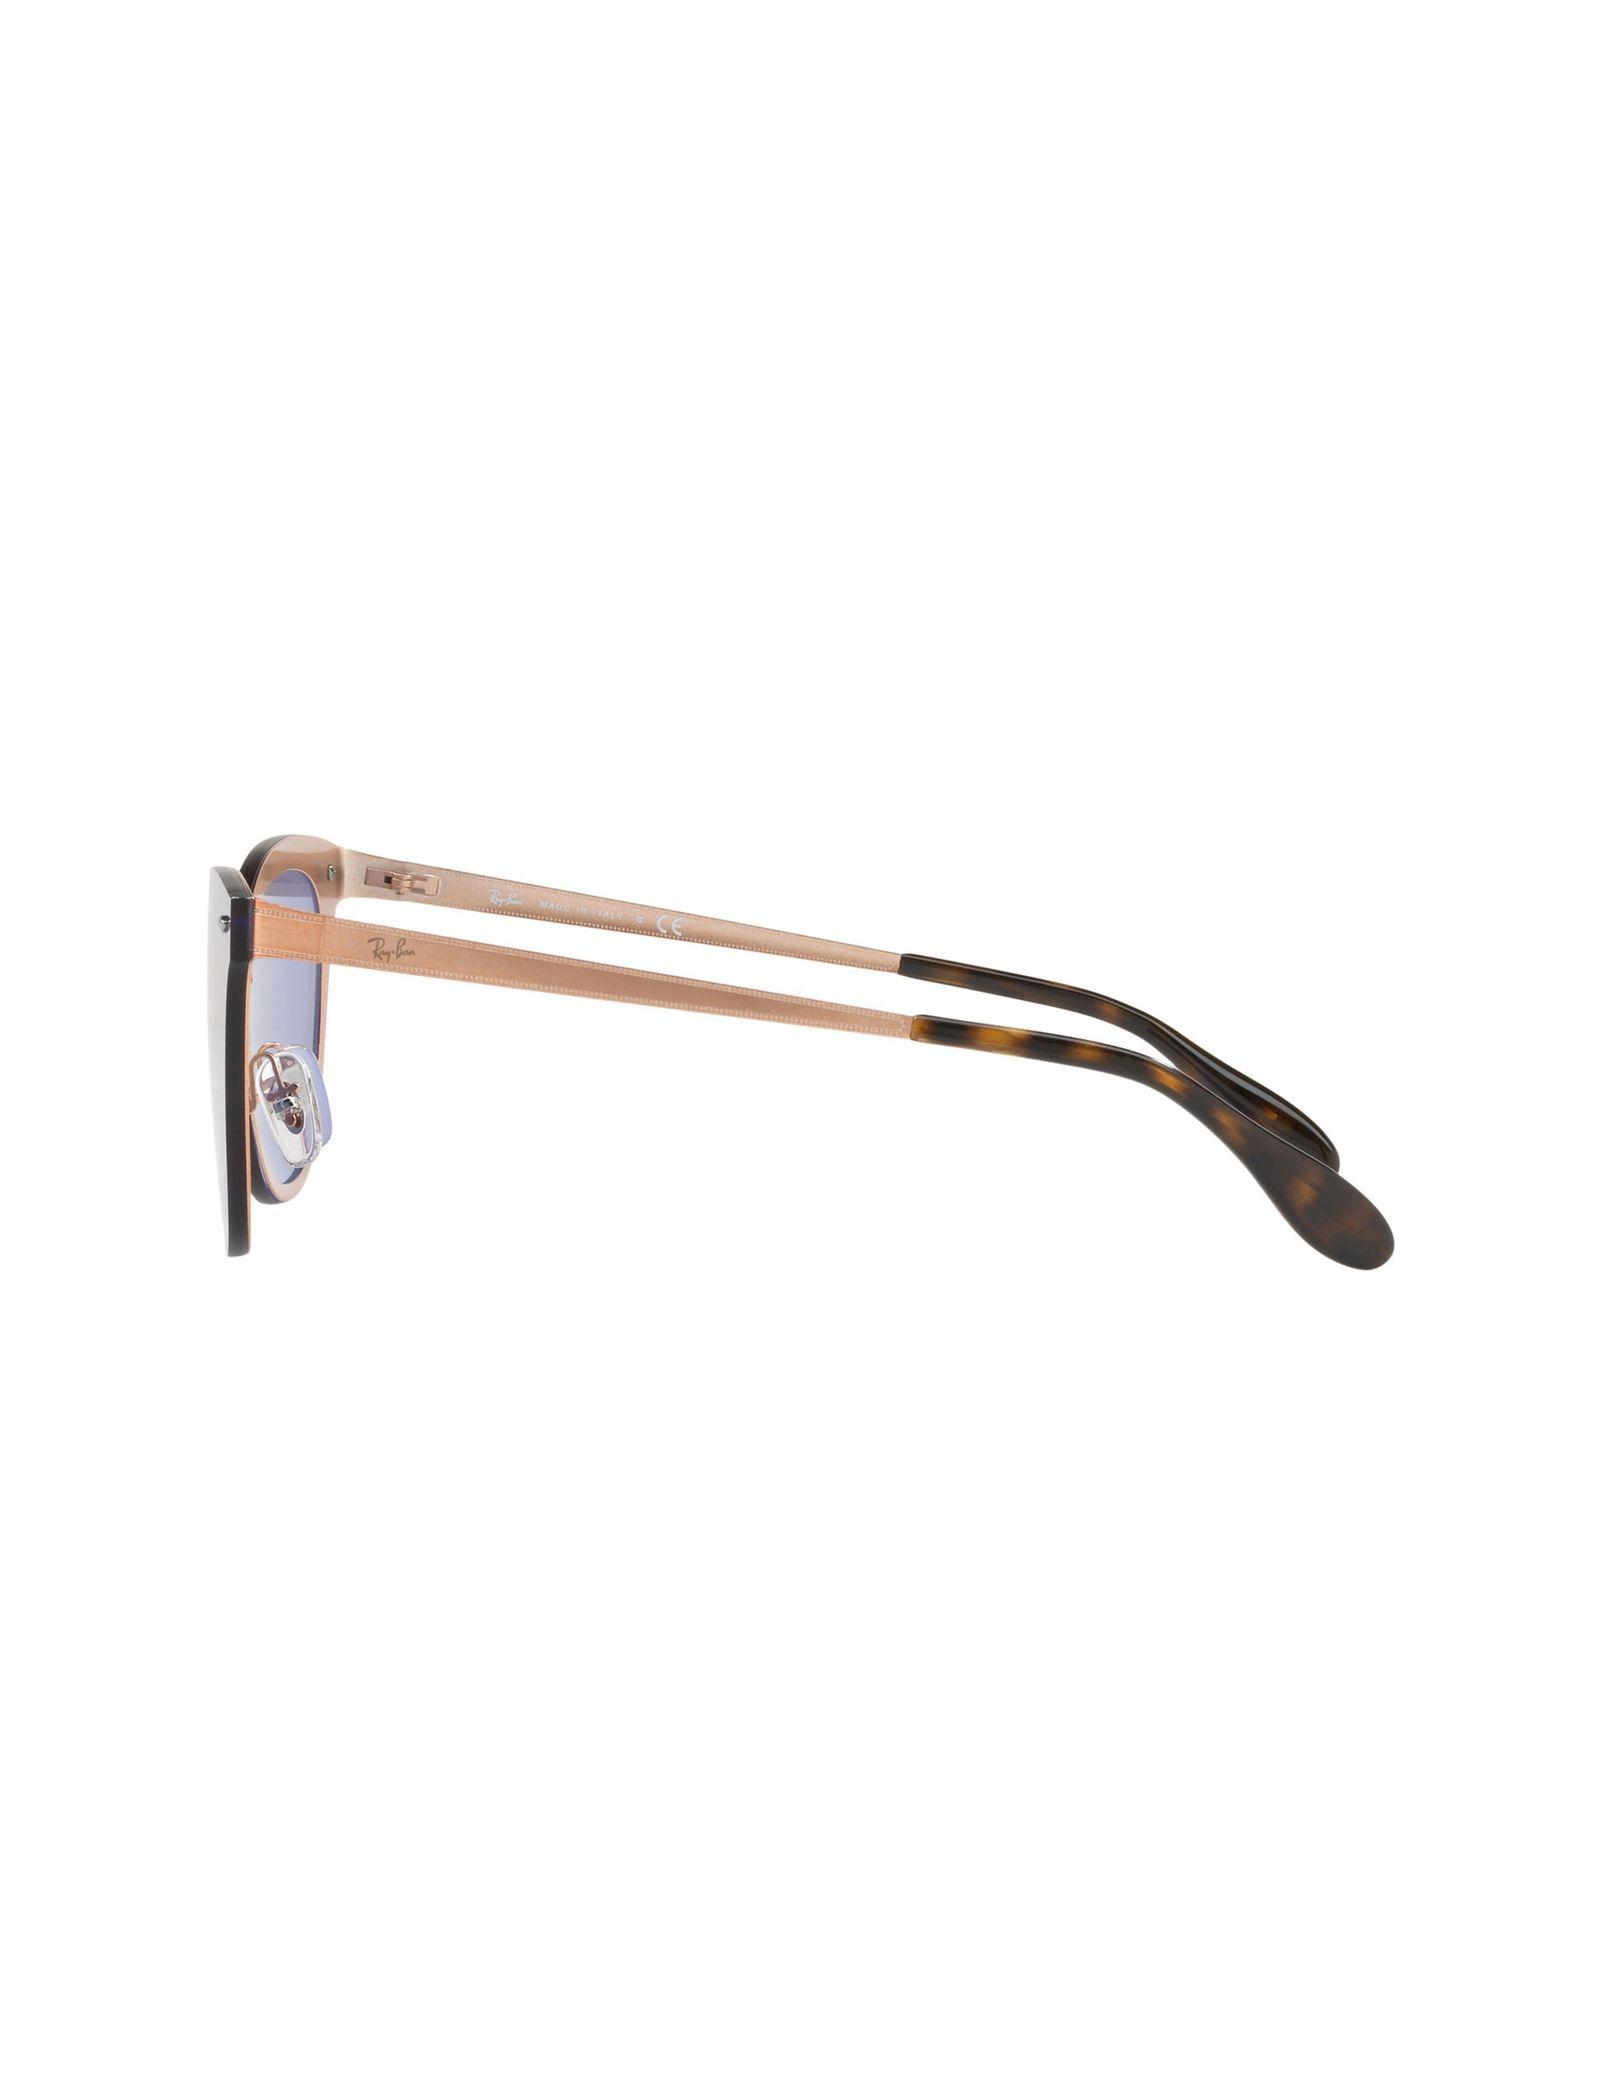 عینک آفتابی گربه ای زنانه - ری بن - مسي - 3